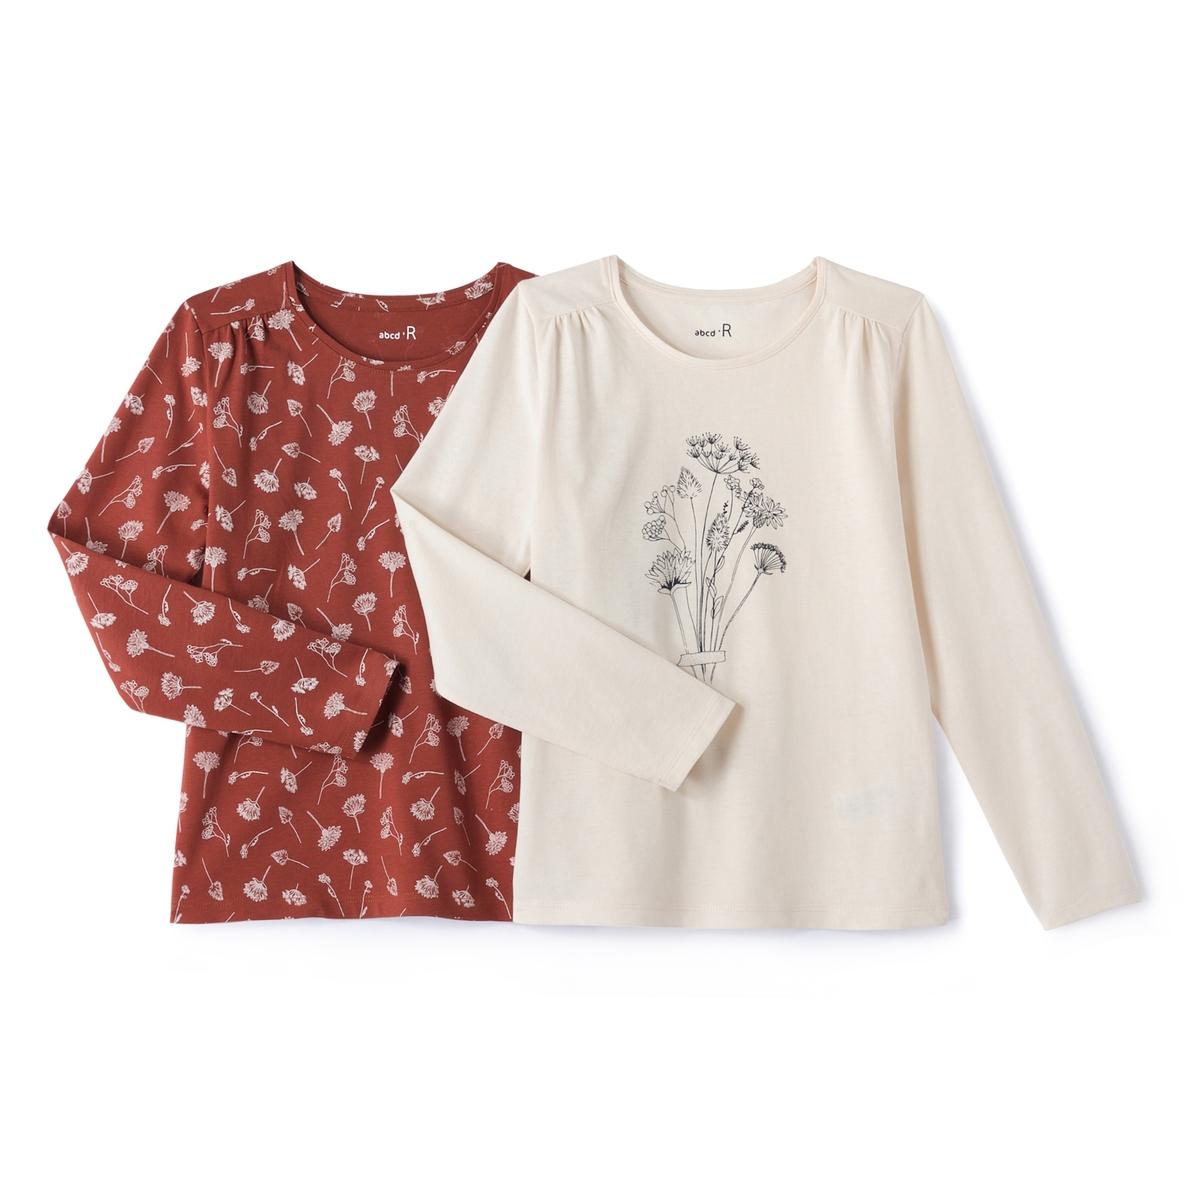 Комплект из 2 футболок с длинными рукавами, 3-12 лет